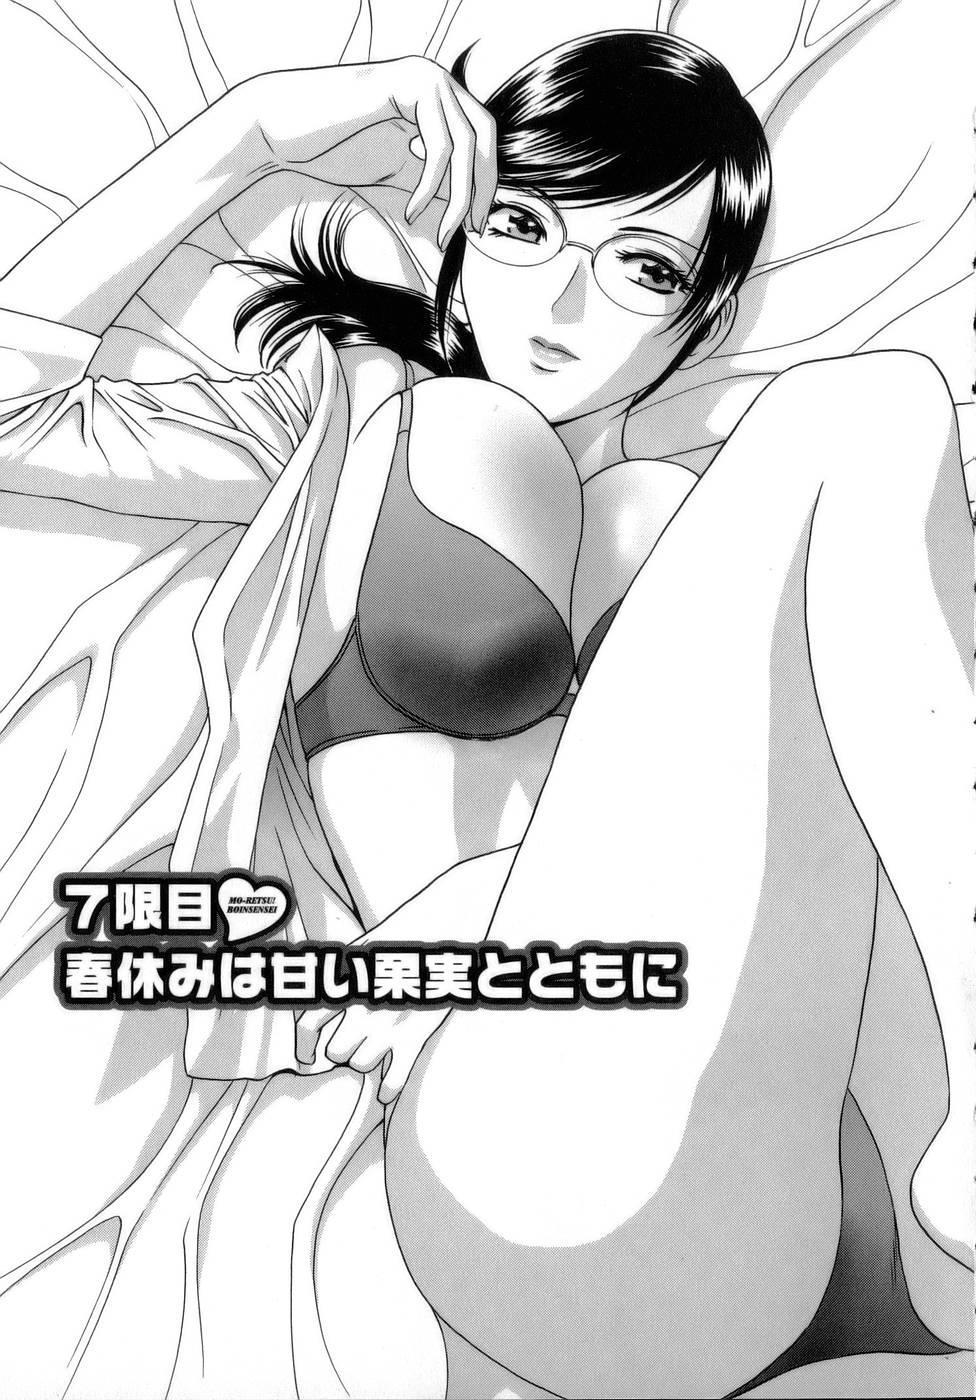 [Hidemaru] Mo-Retsu! Boin Sensei (Boing Boing Teacher) Vol.1 132